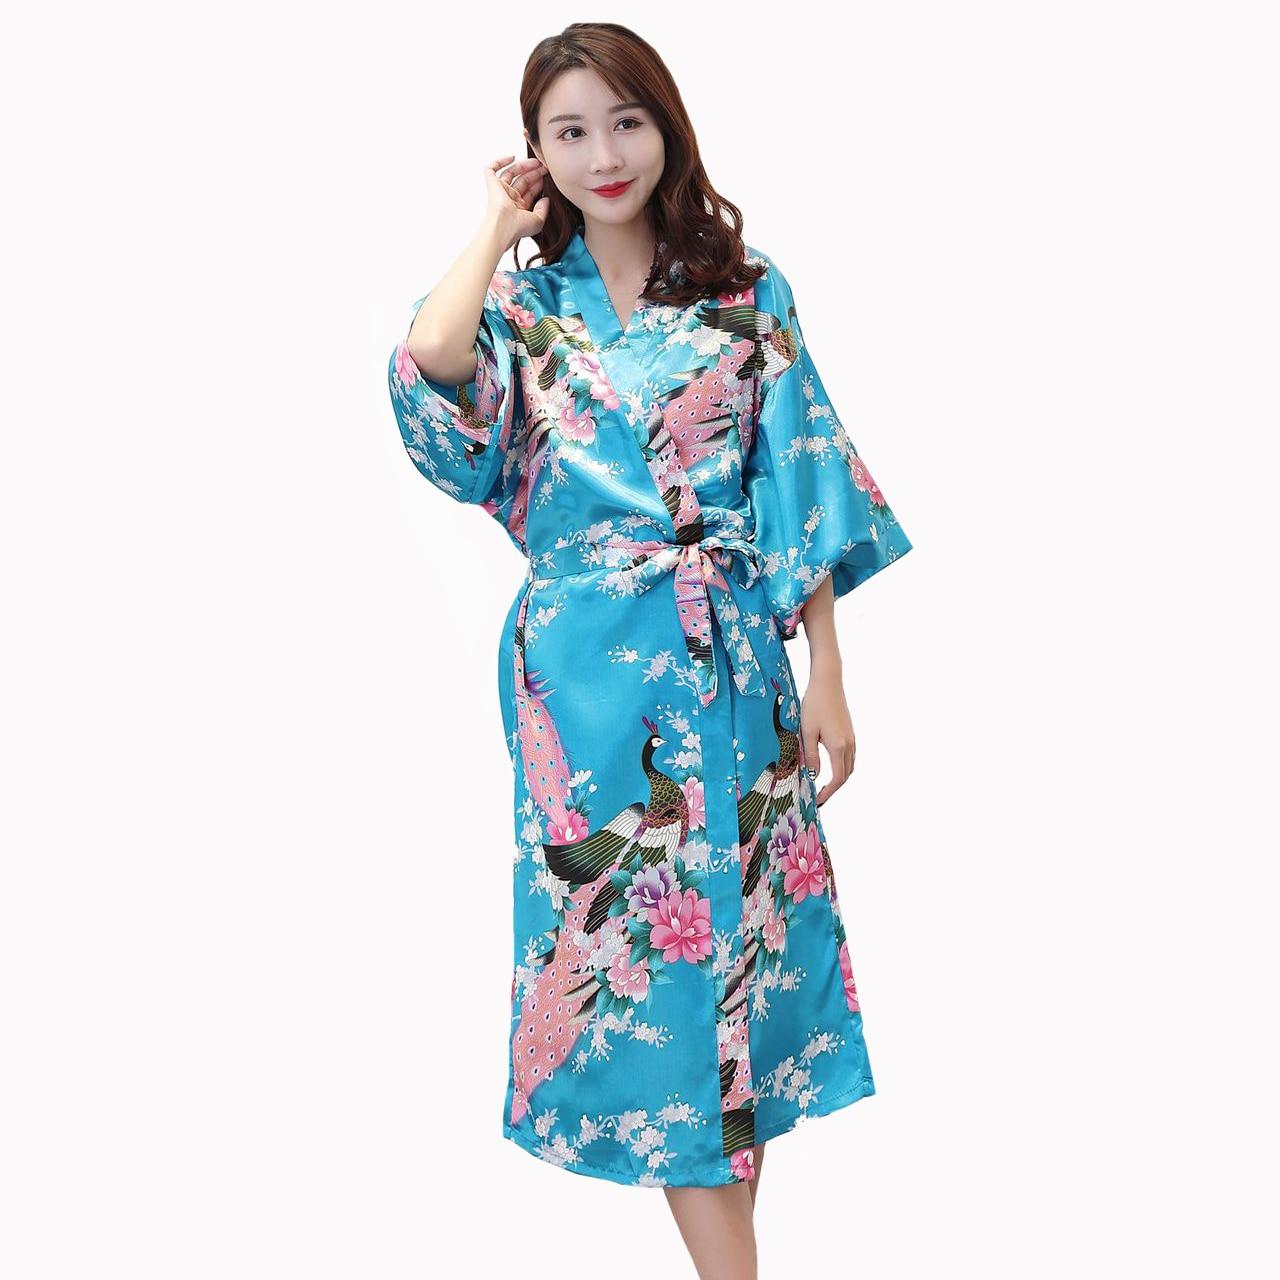 Kimono Wedding Gown: Women Kimono Bathrobe Gown Fashion Print Peacock Bride